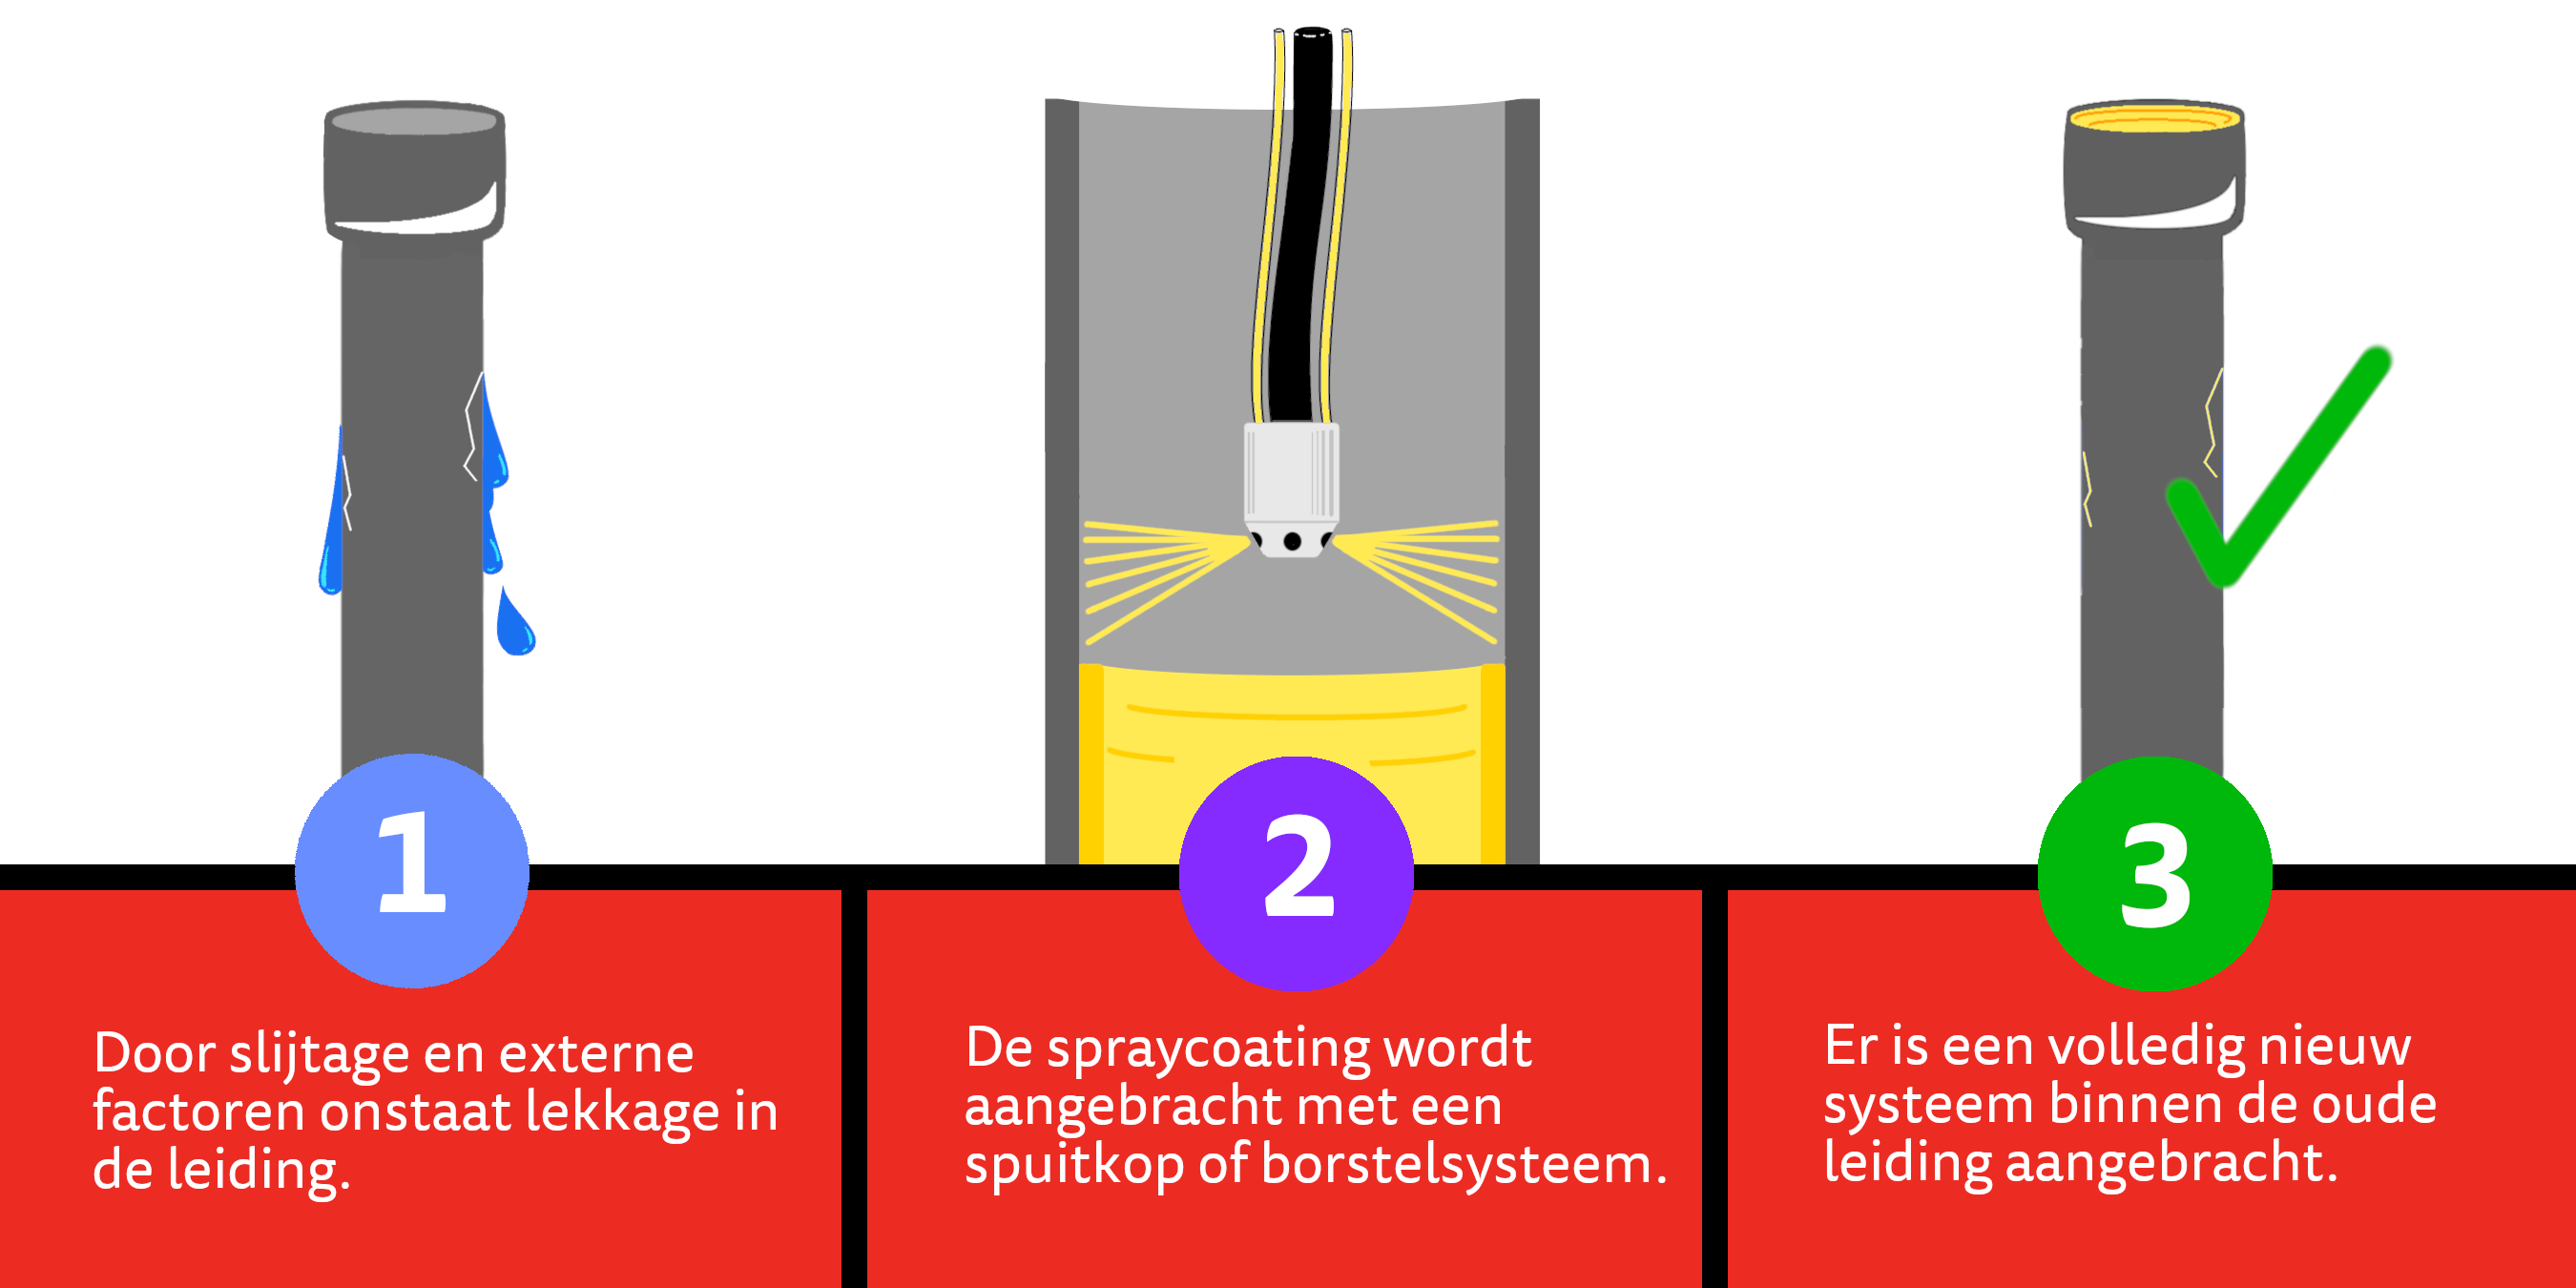 Een simpel overzicht van hoe riool renovatie werkt m.b.t. spraycoating, waardoor geen vernieuwing of vervanging nodig is.